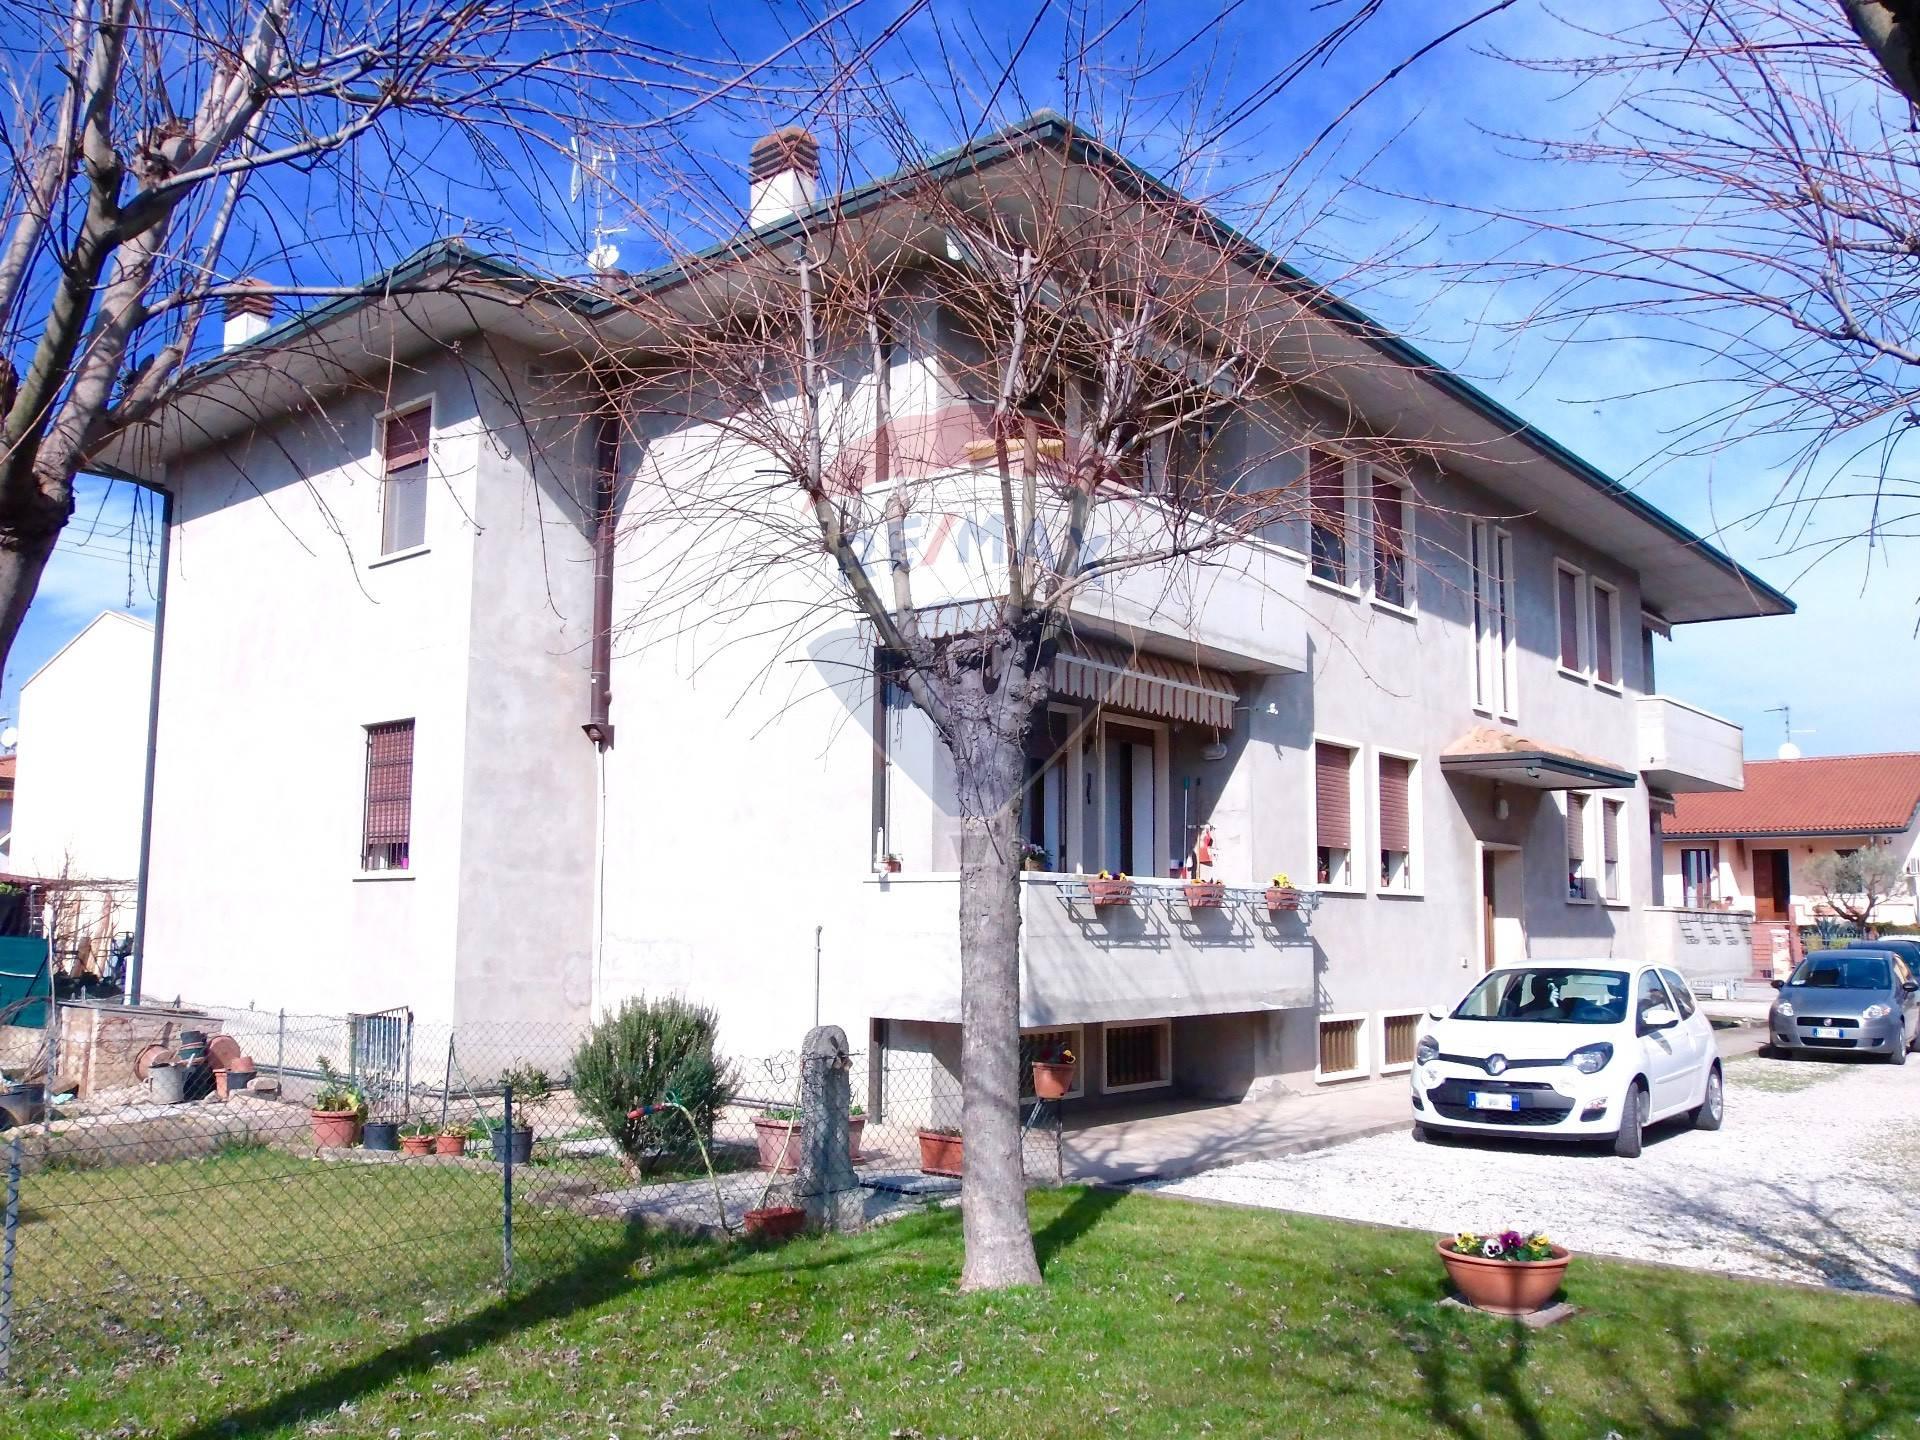 Appartamento in vendita a Pojana Maggiore, 5 locali, zona Zona: Cagnano, prezzo € 74.000 | CambioCasa.it